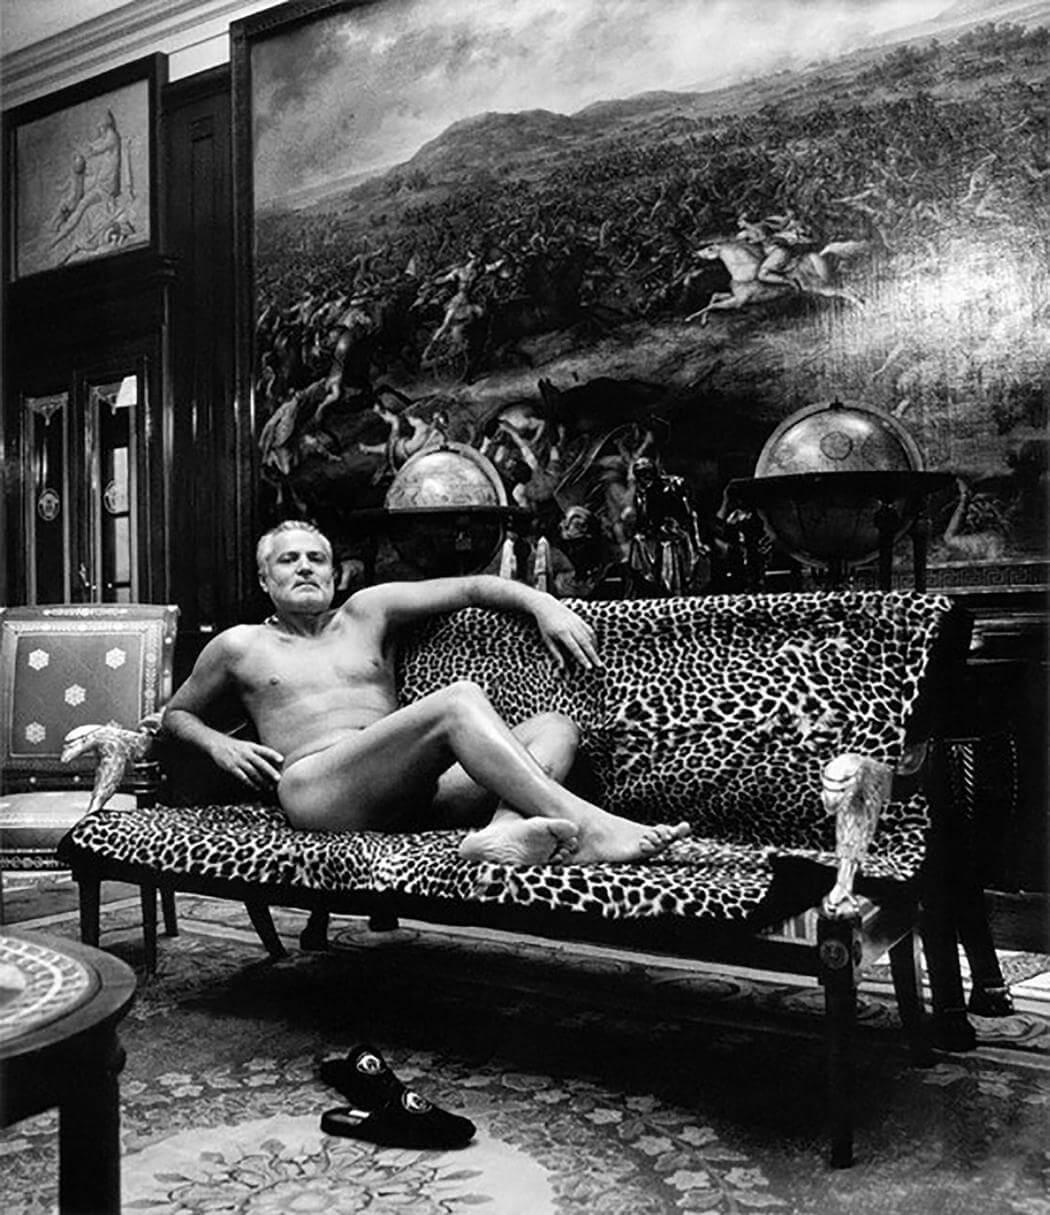 Helmut Newton: Retratos inéditos NSFW de Gianni Versace y Andy Warhol llenos de monocromía y voyeurismo